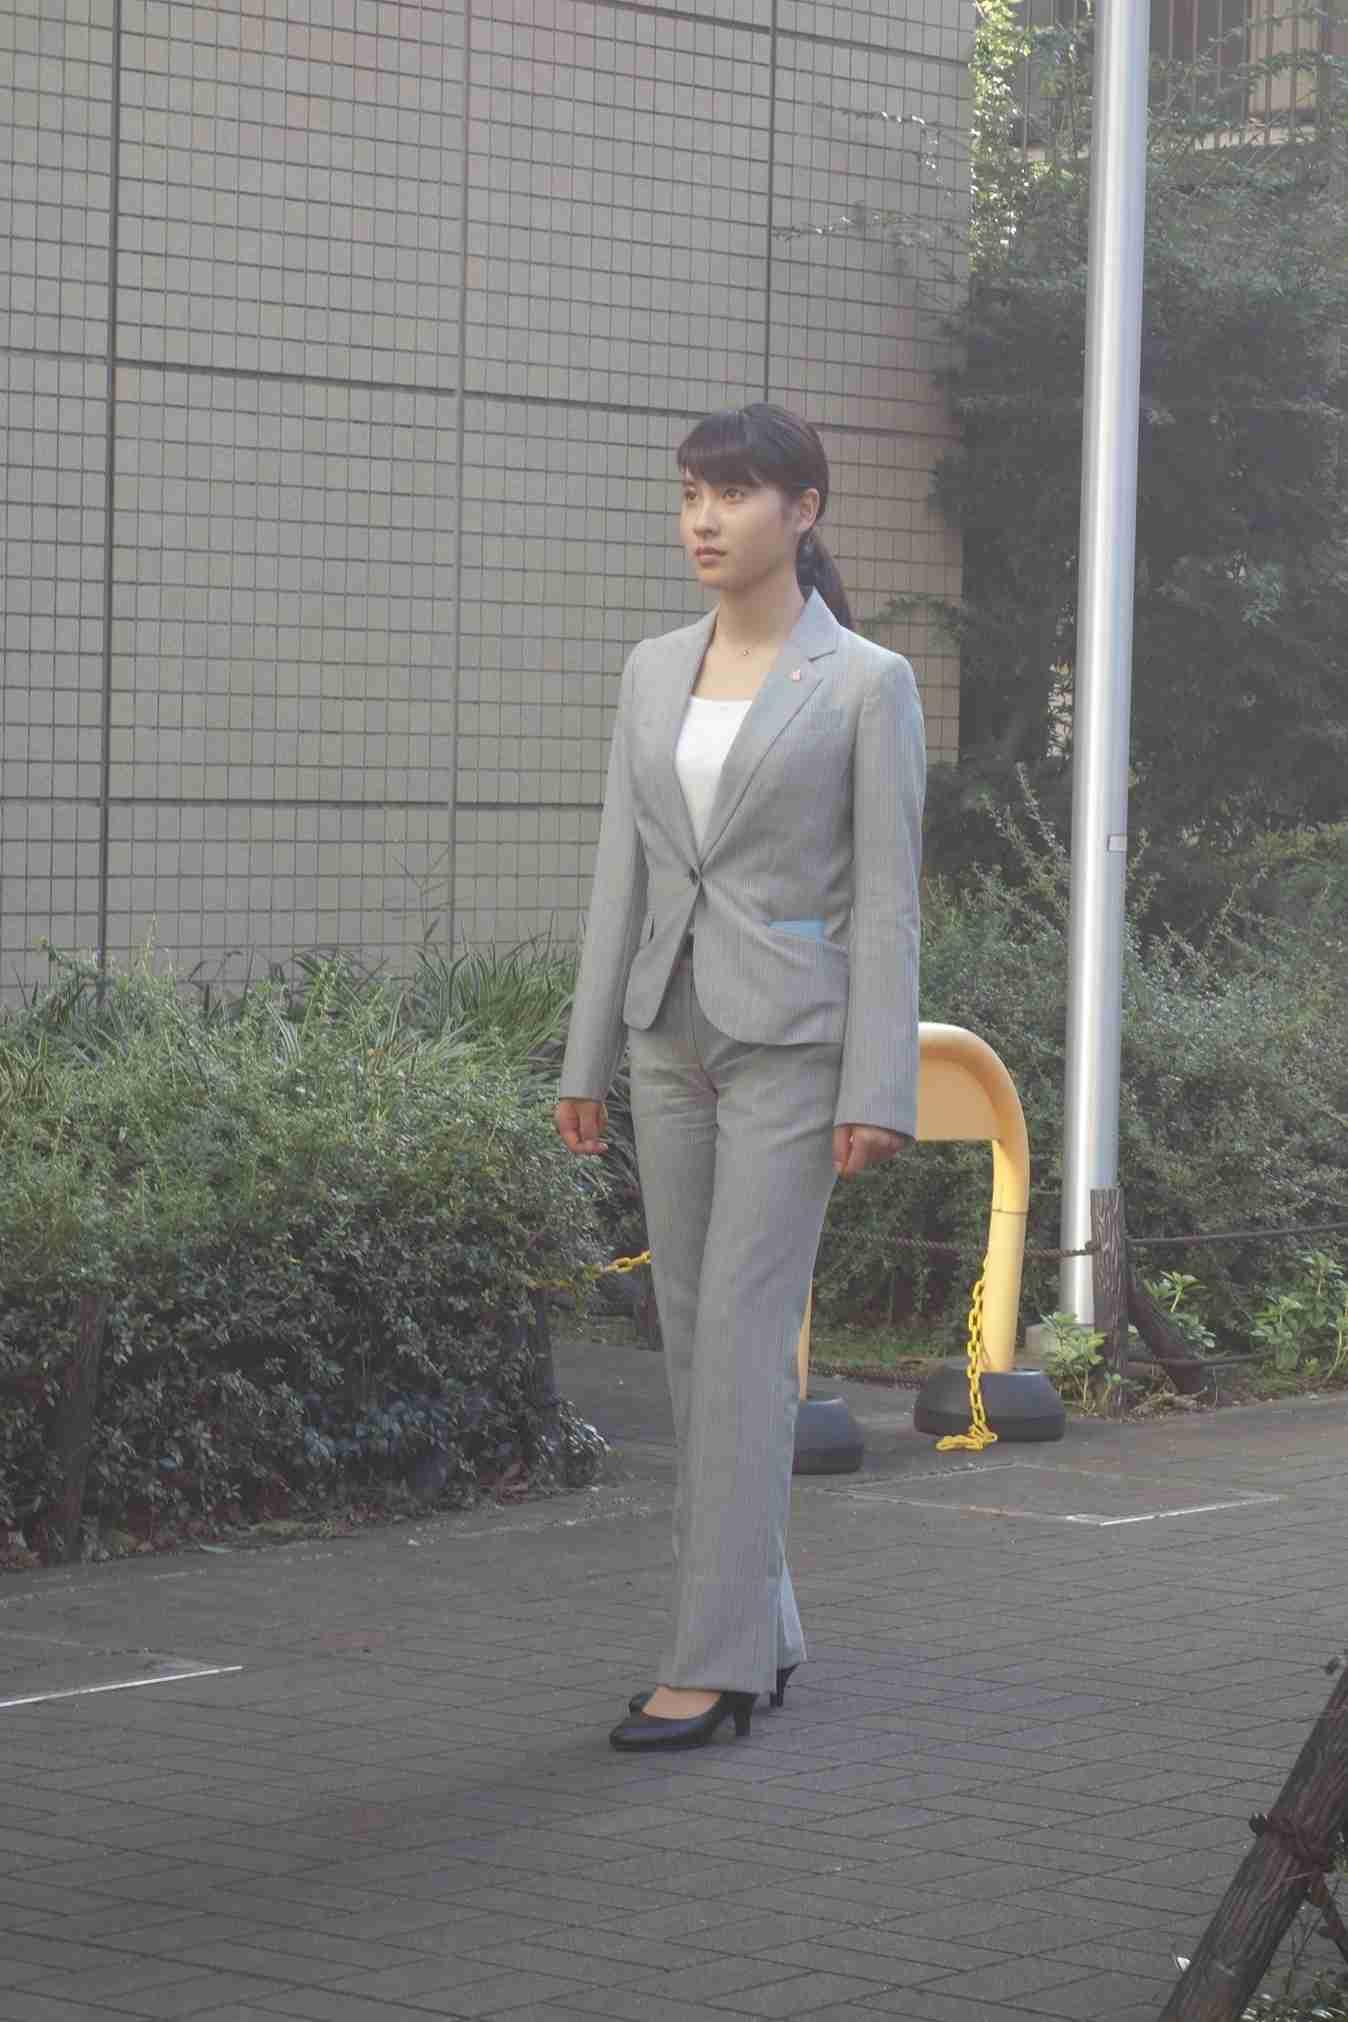 女性芸能人のスーツ姿が見たい